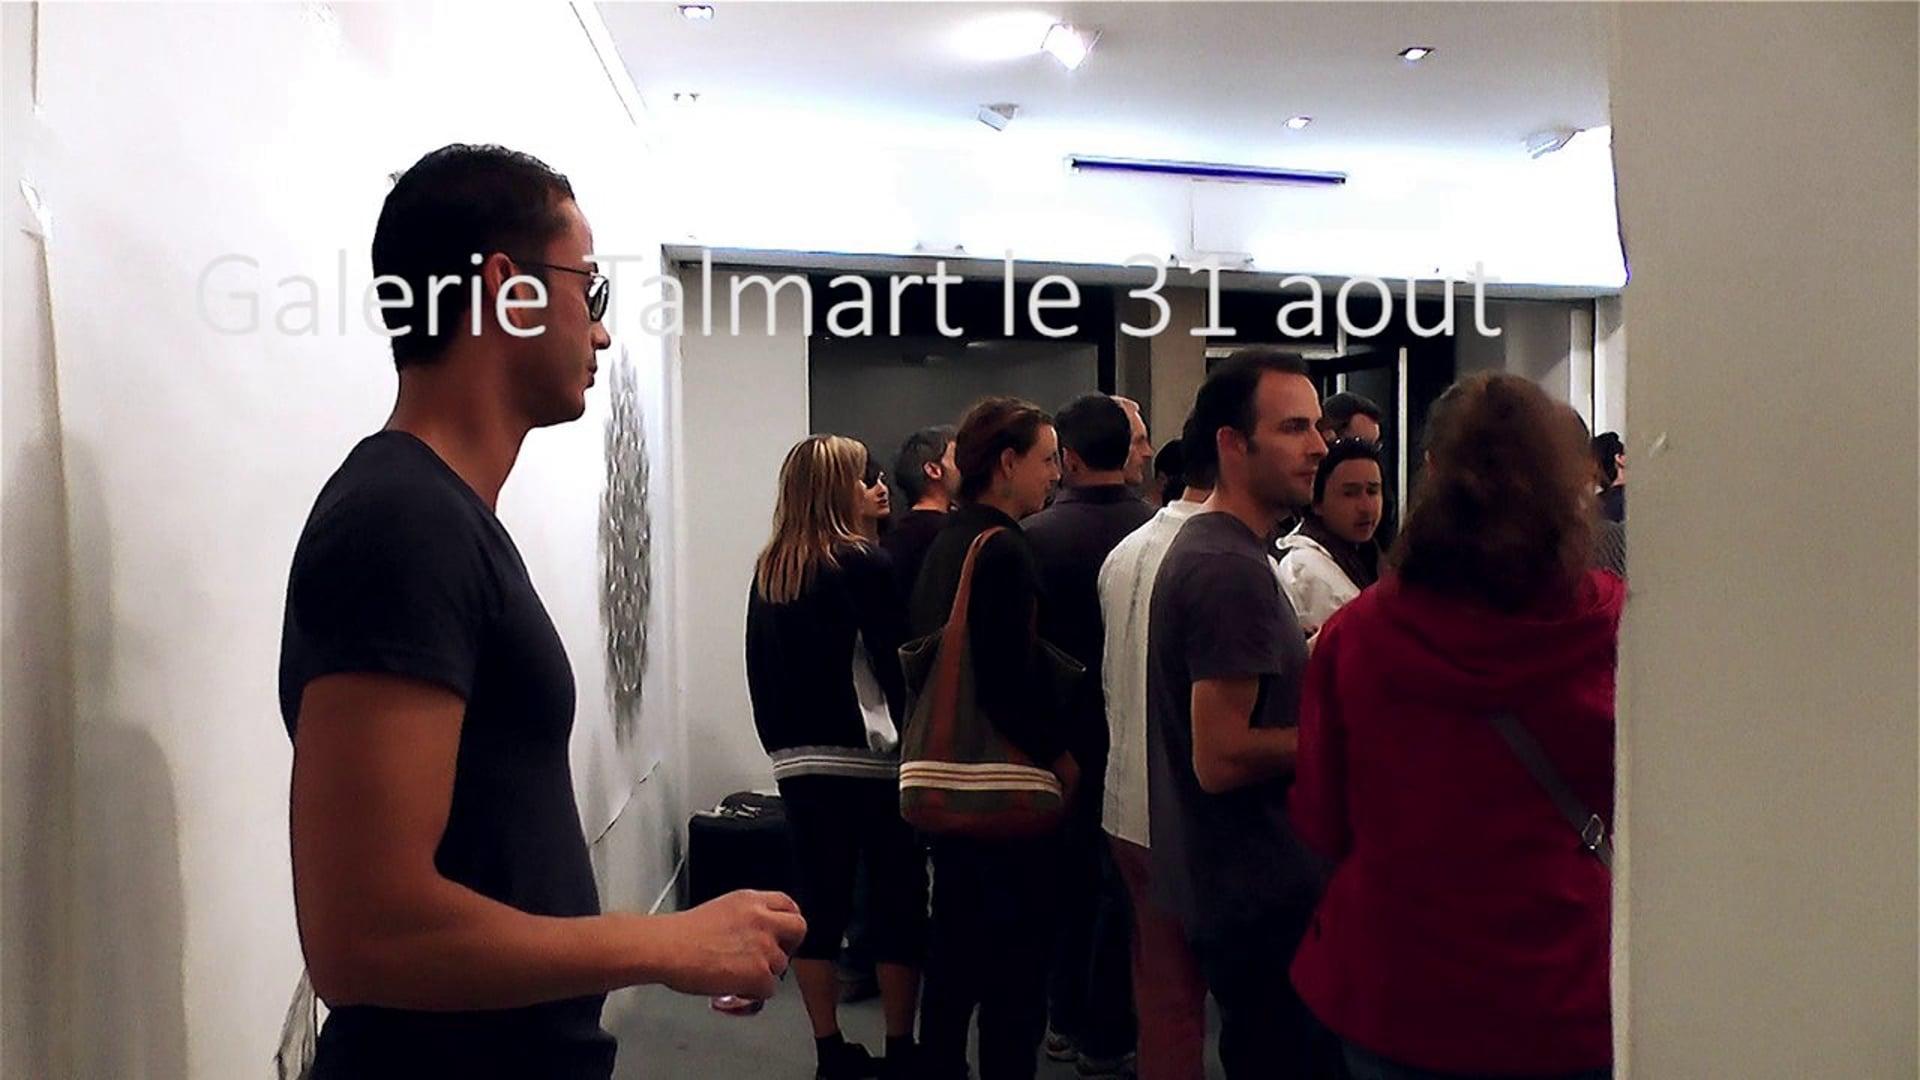 Galerie Talmart, Paris